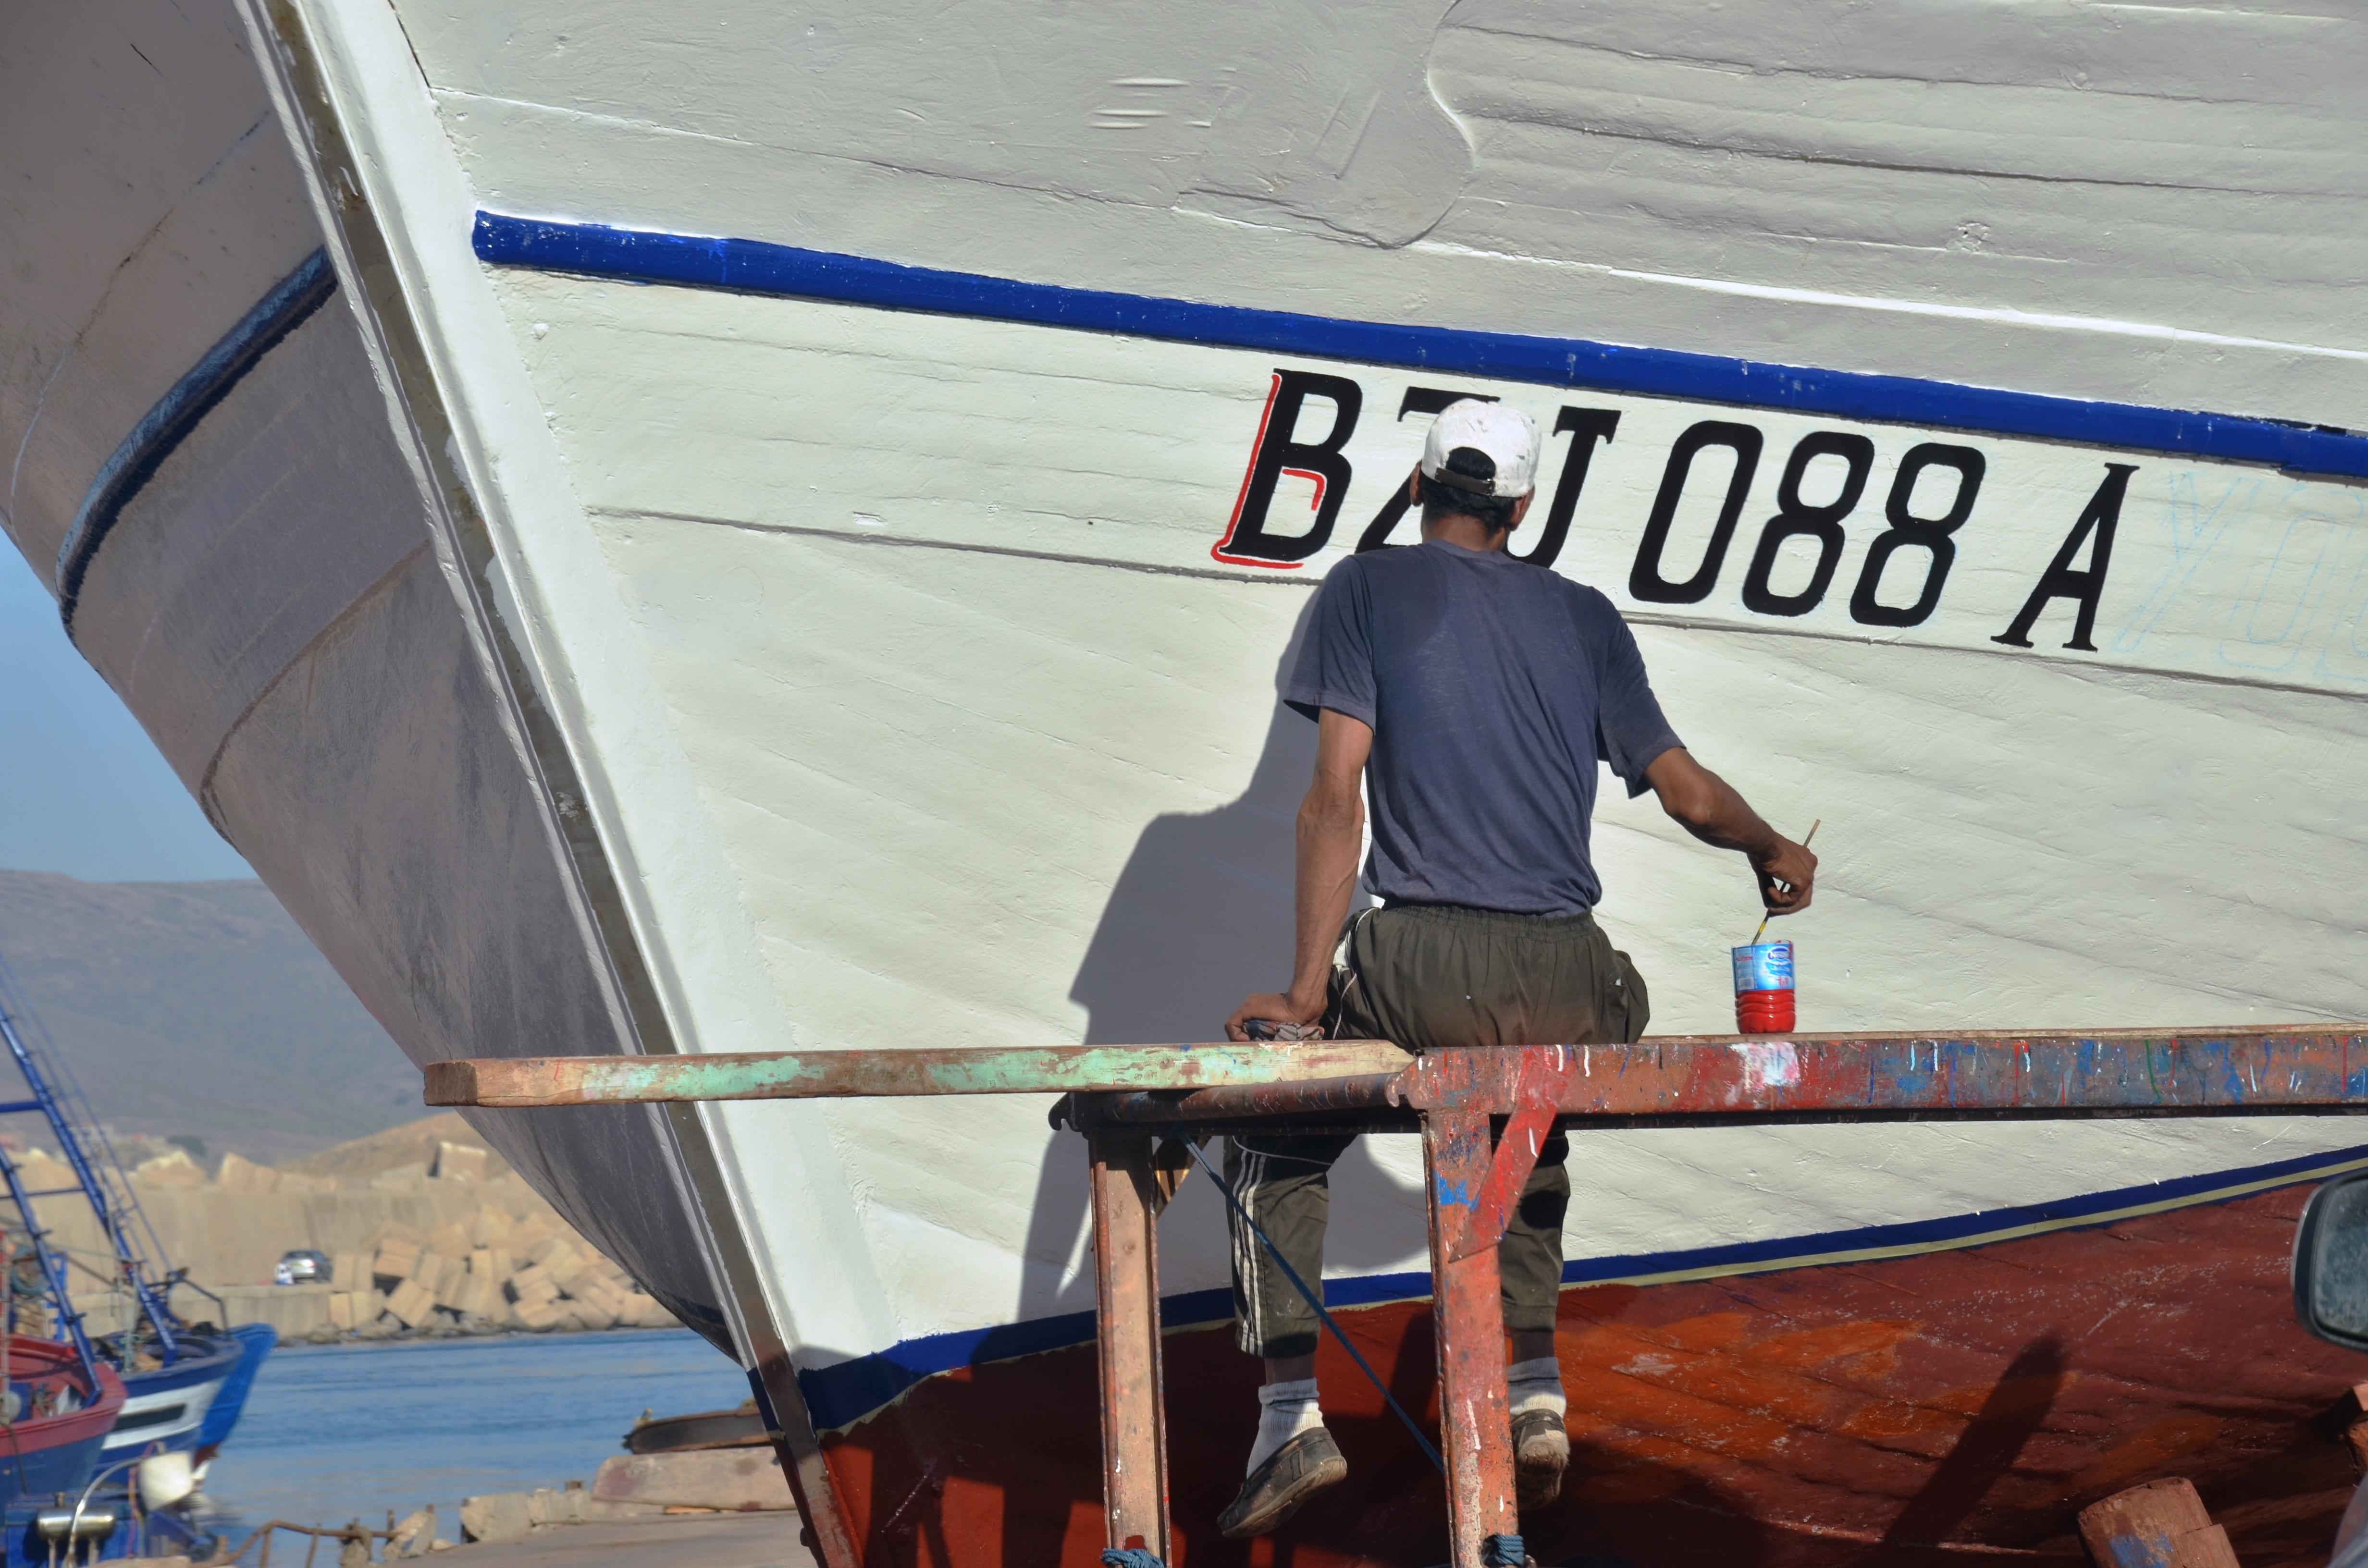 BOUZADJAR RÉNOVATION BATEAUX DE PÊCHE.jpg Français : métier passionnant de retaper les navires Date 10 October 2017, 17:18:11 Source Own work